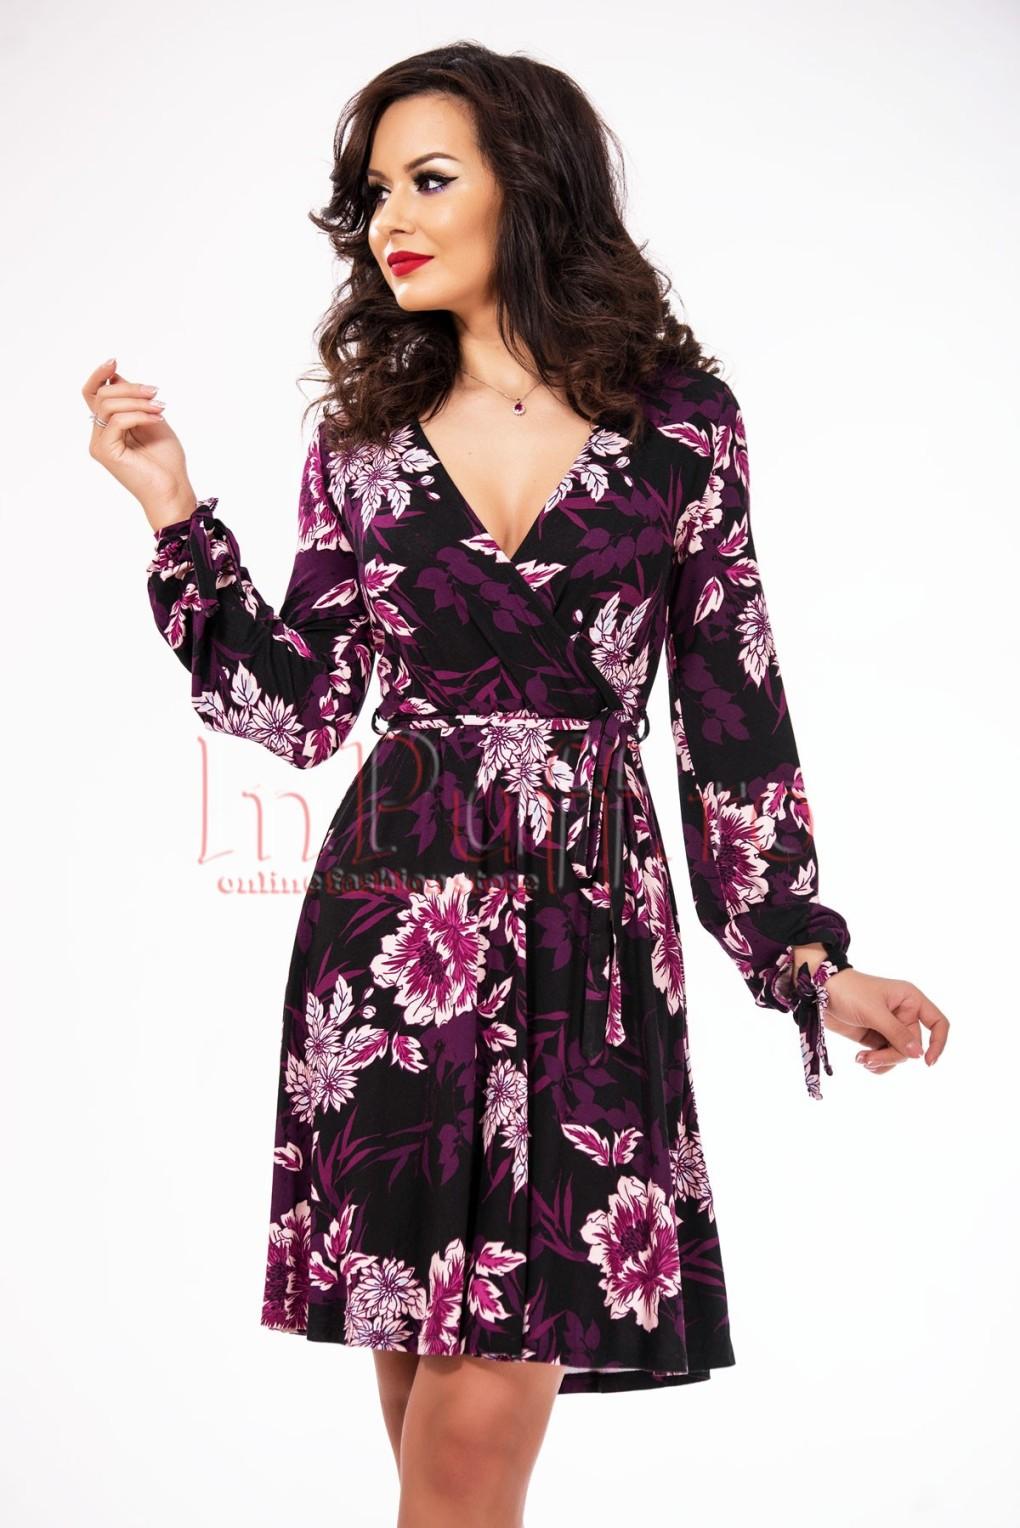 rochie-lejera-de-zi-cu-imprimeu-floral-1516114606-4